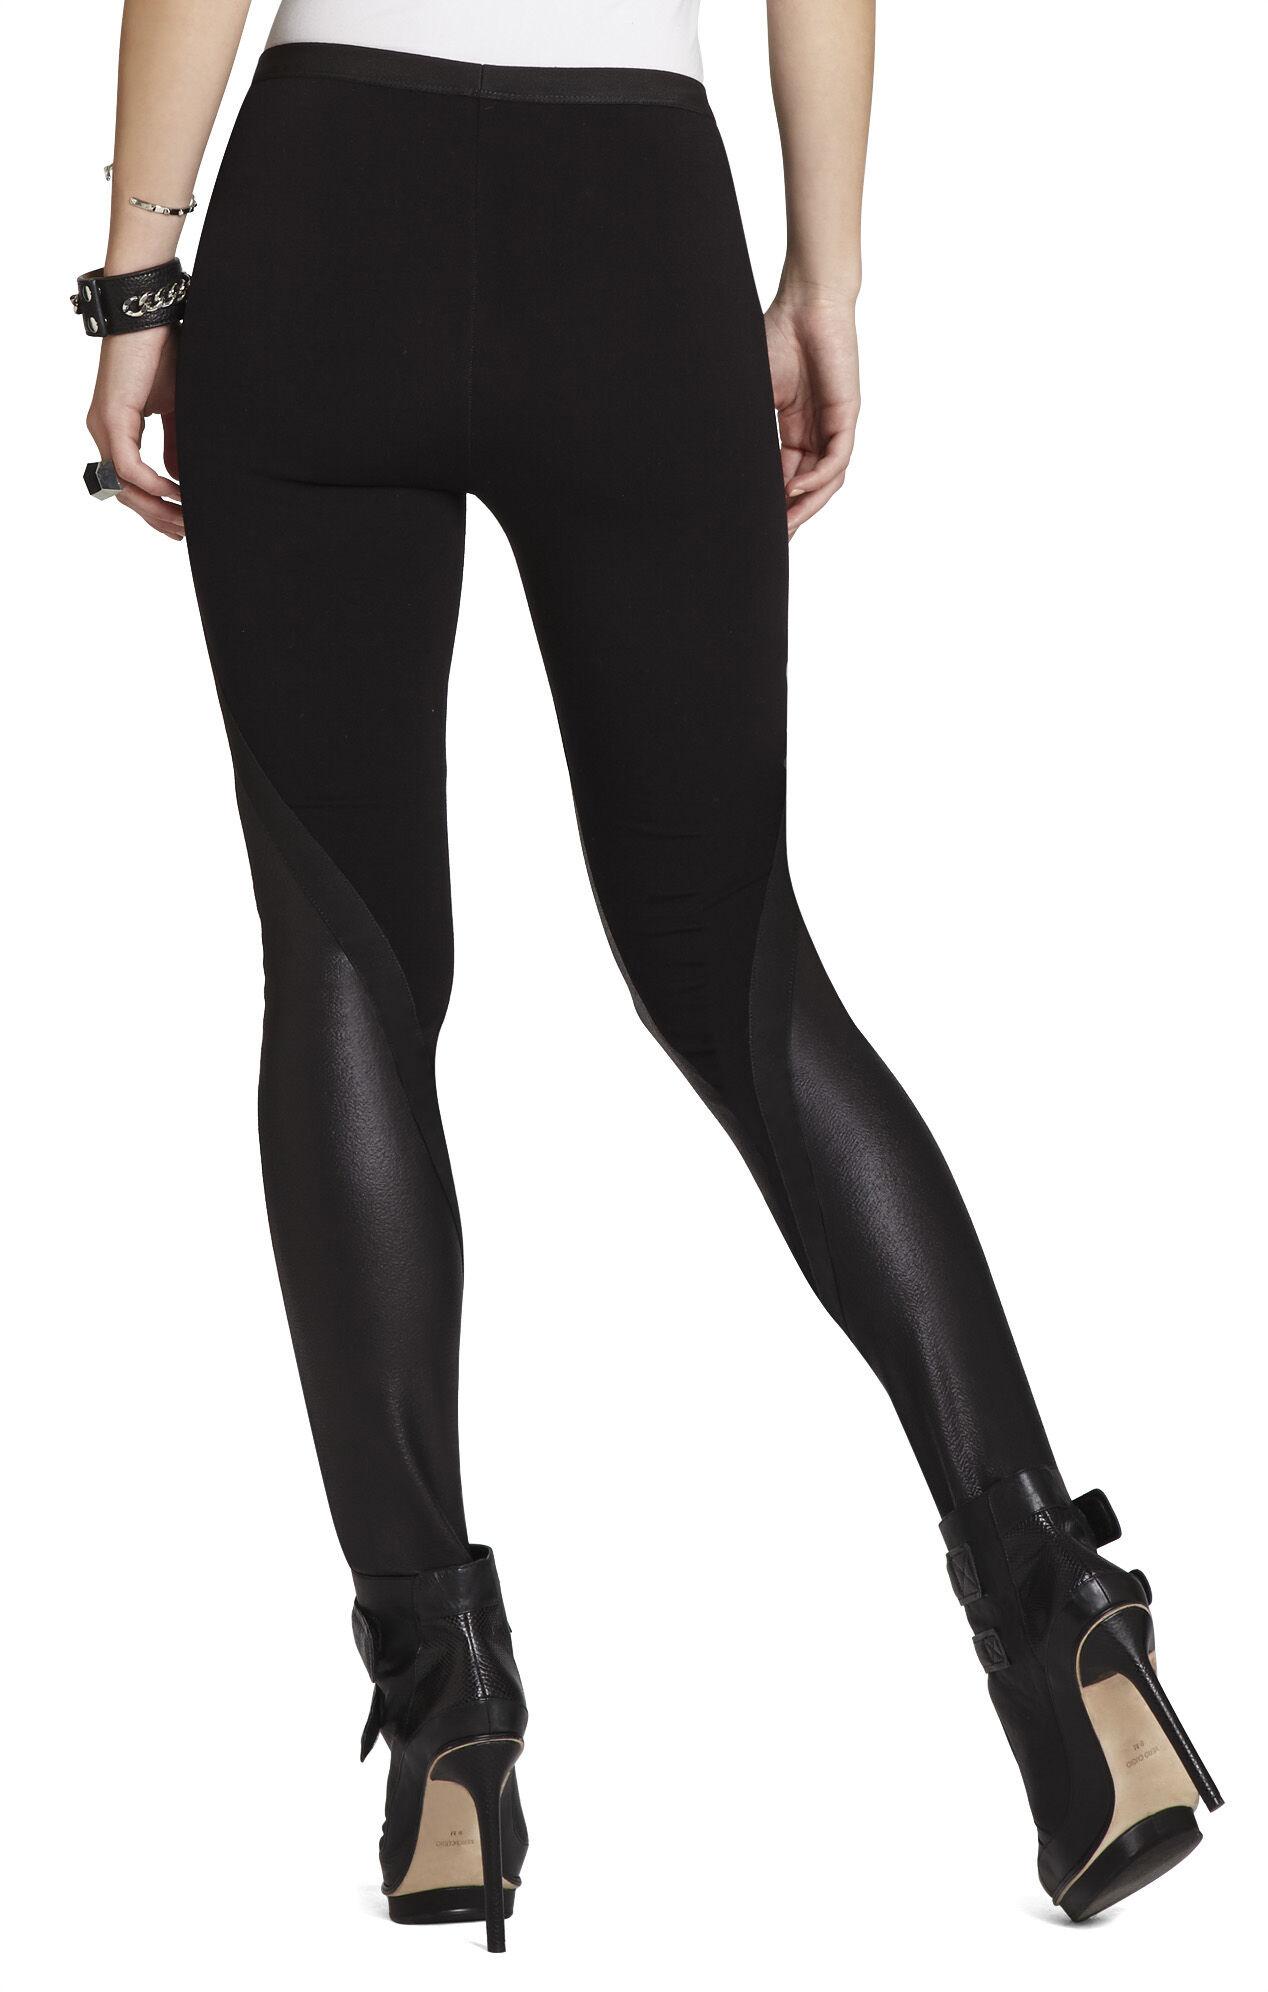 Ladyn Contrast Legging